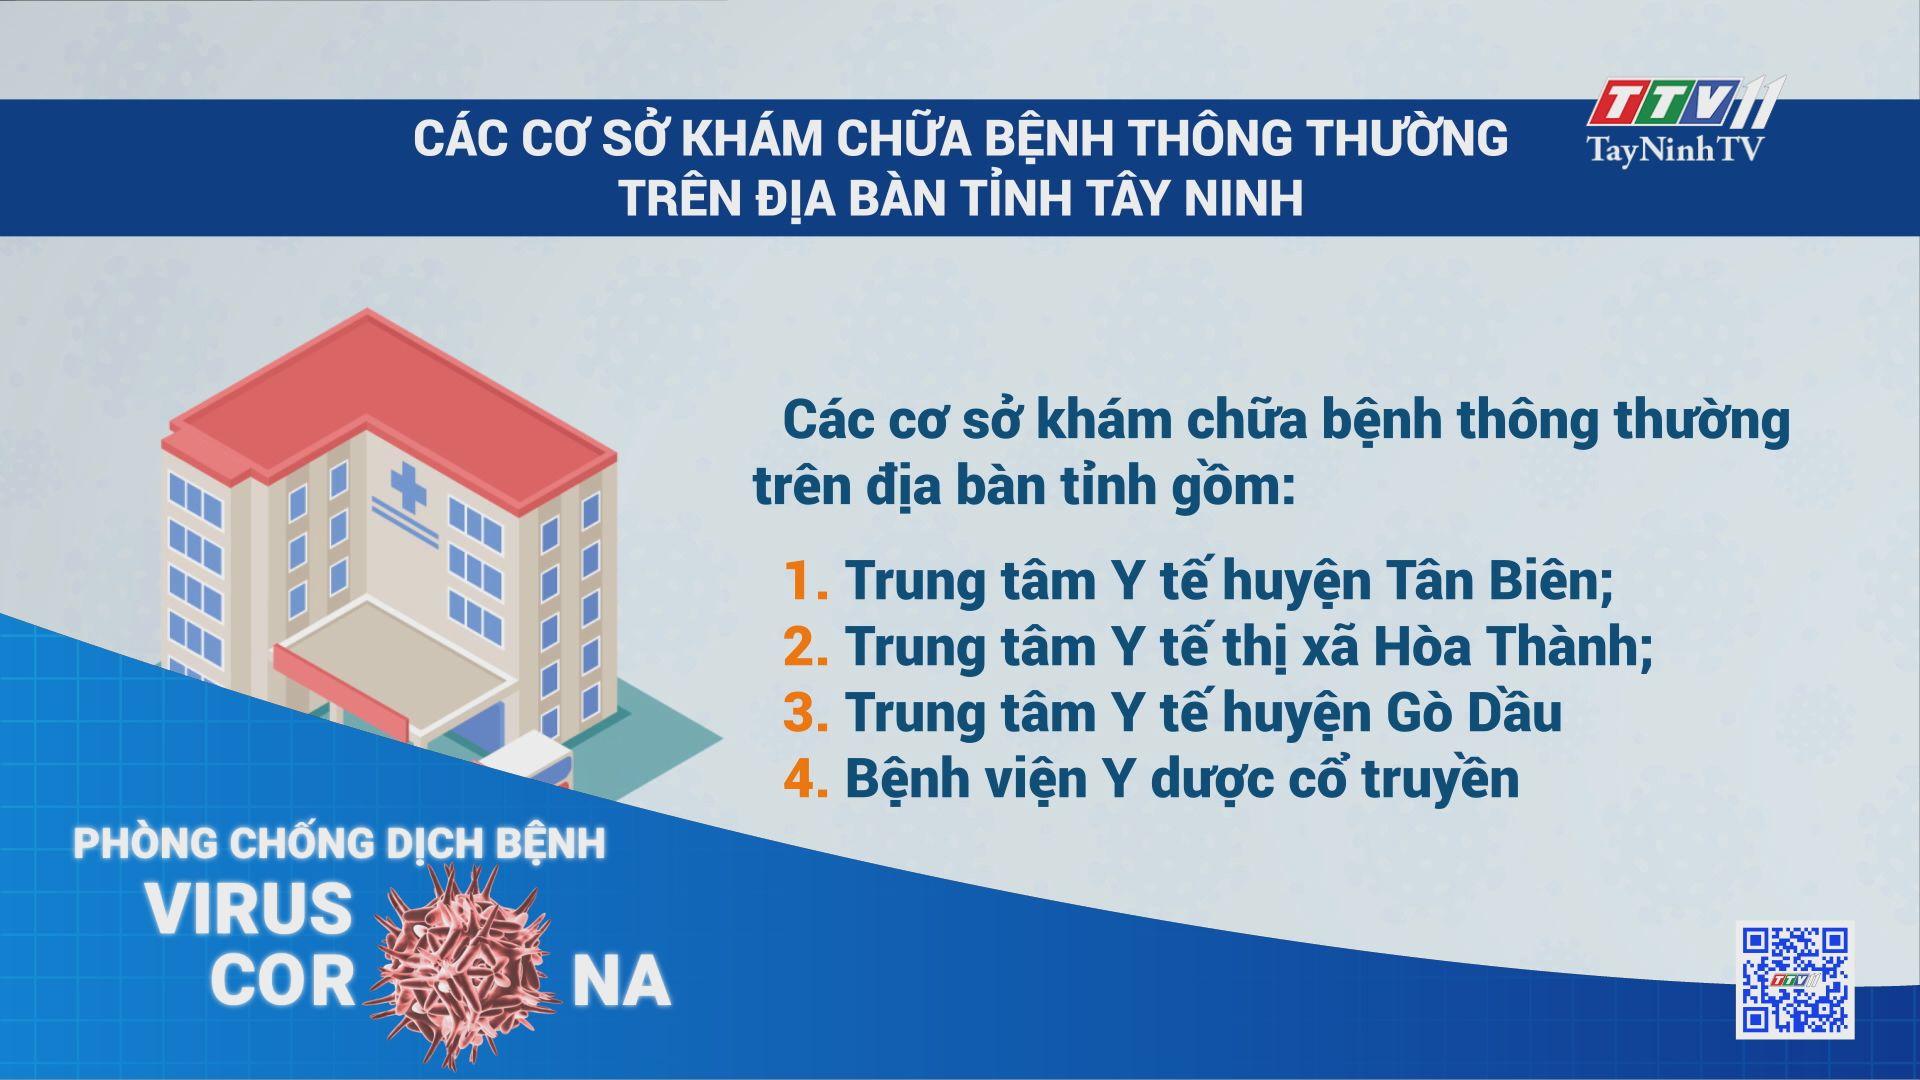 Các cơ sở khám chữa bệnh thông thường trên địa bàn tỉnh Tây Ninh | THÔNG TIN DỊCH COVID-19 | TayNinhTV